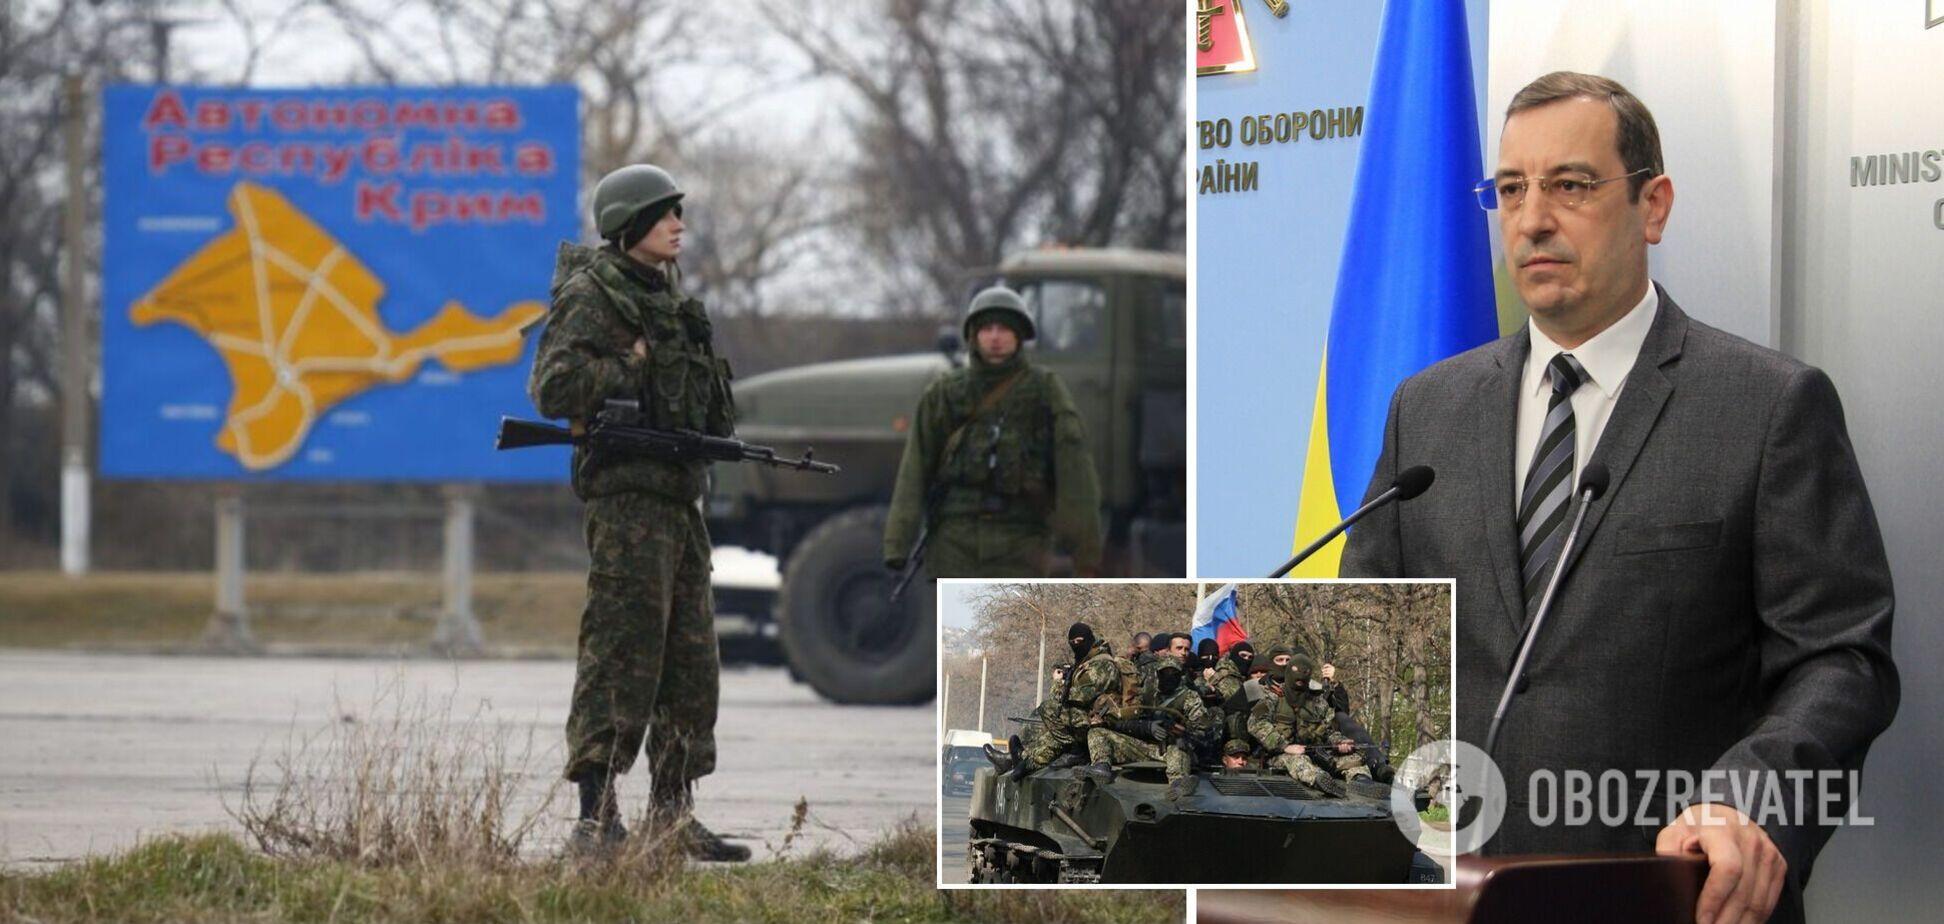 Росія відпрацьовувала захоплення Донбасу на навчаннях із Білоруссю в 2013 році – розвідка